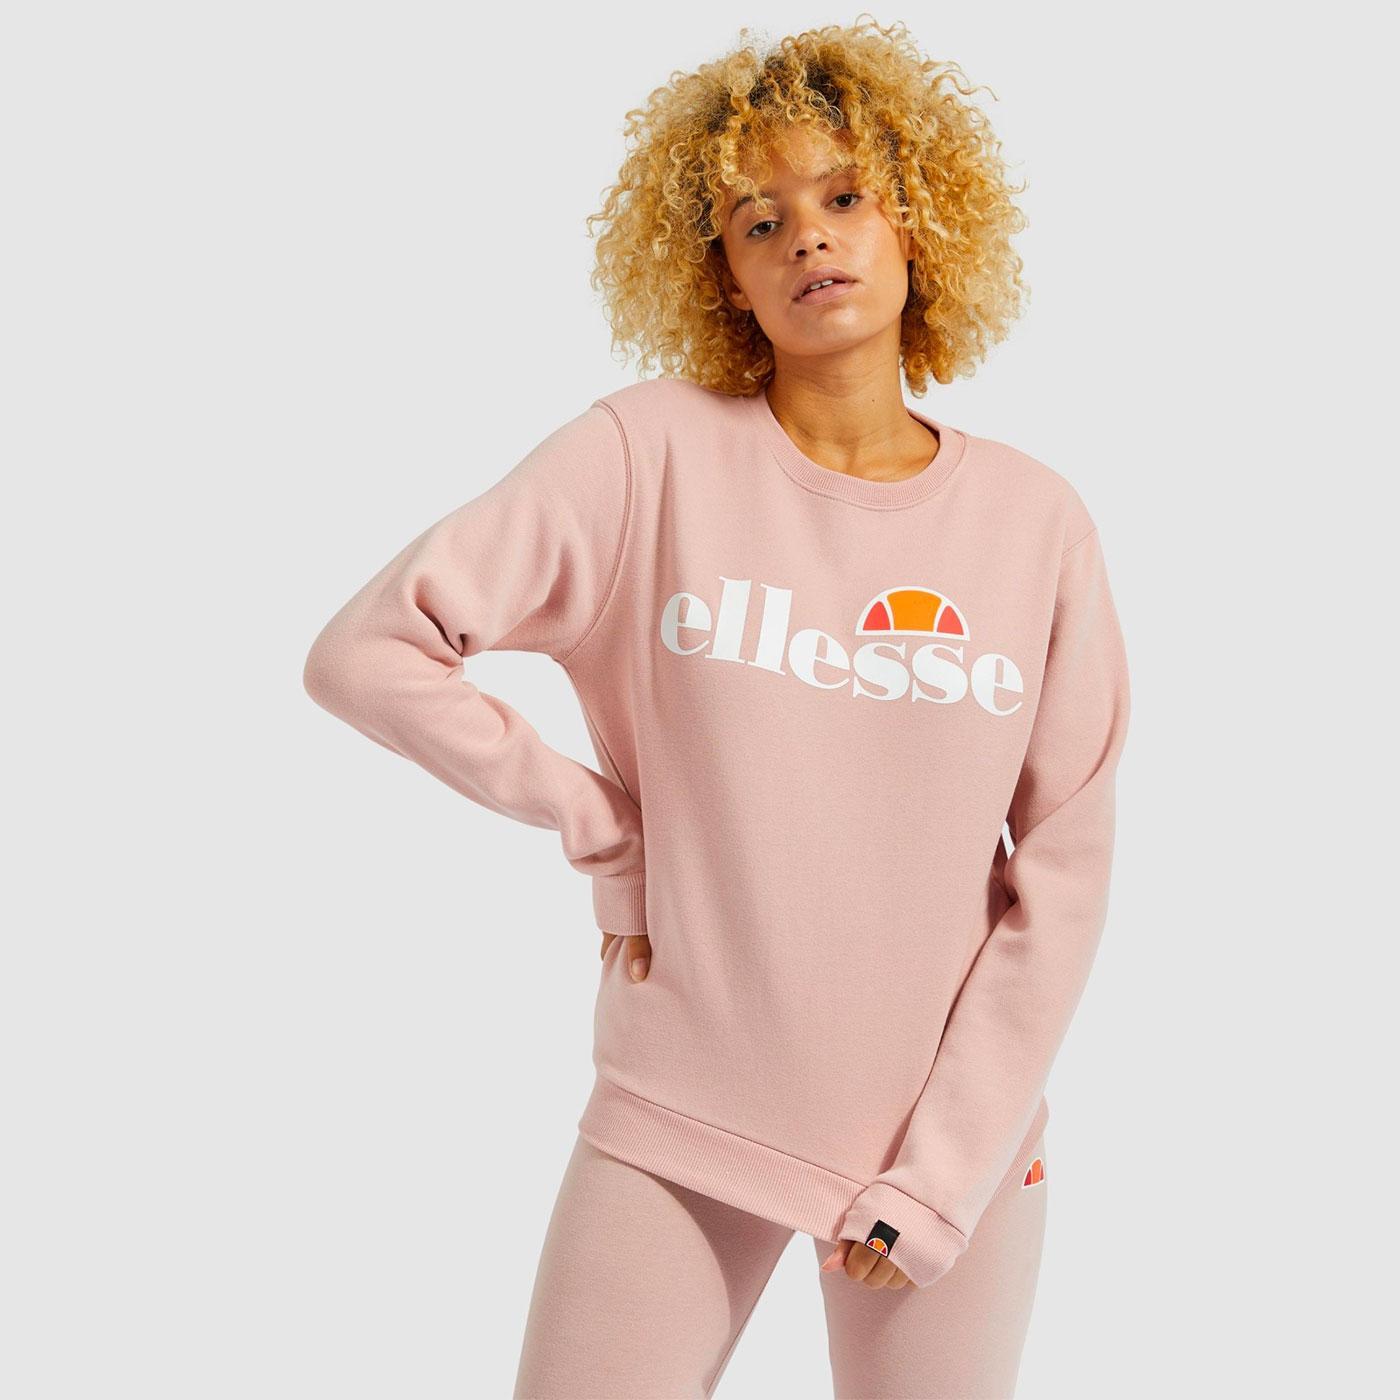 Agata ELLESSE Women's Retro 90s Sweatshirt (Pink)